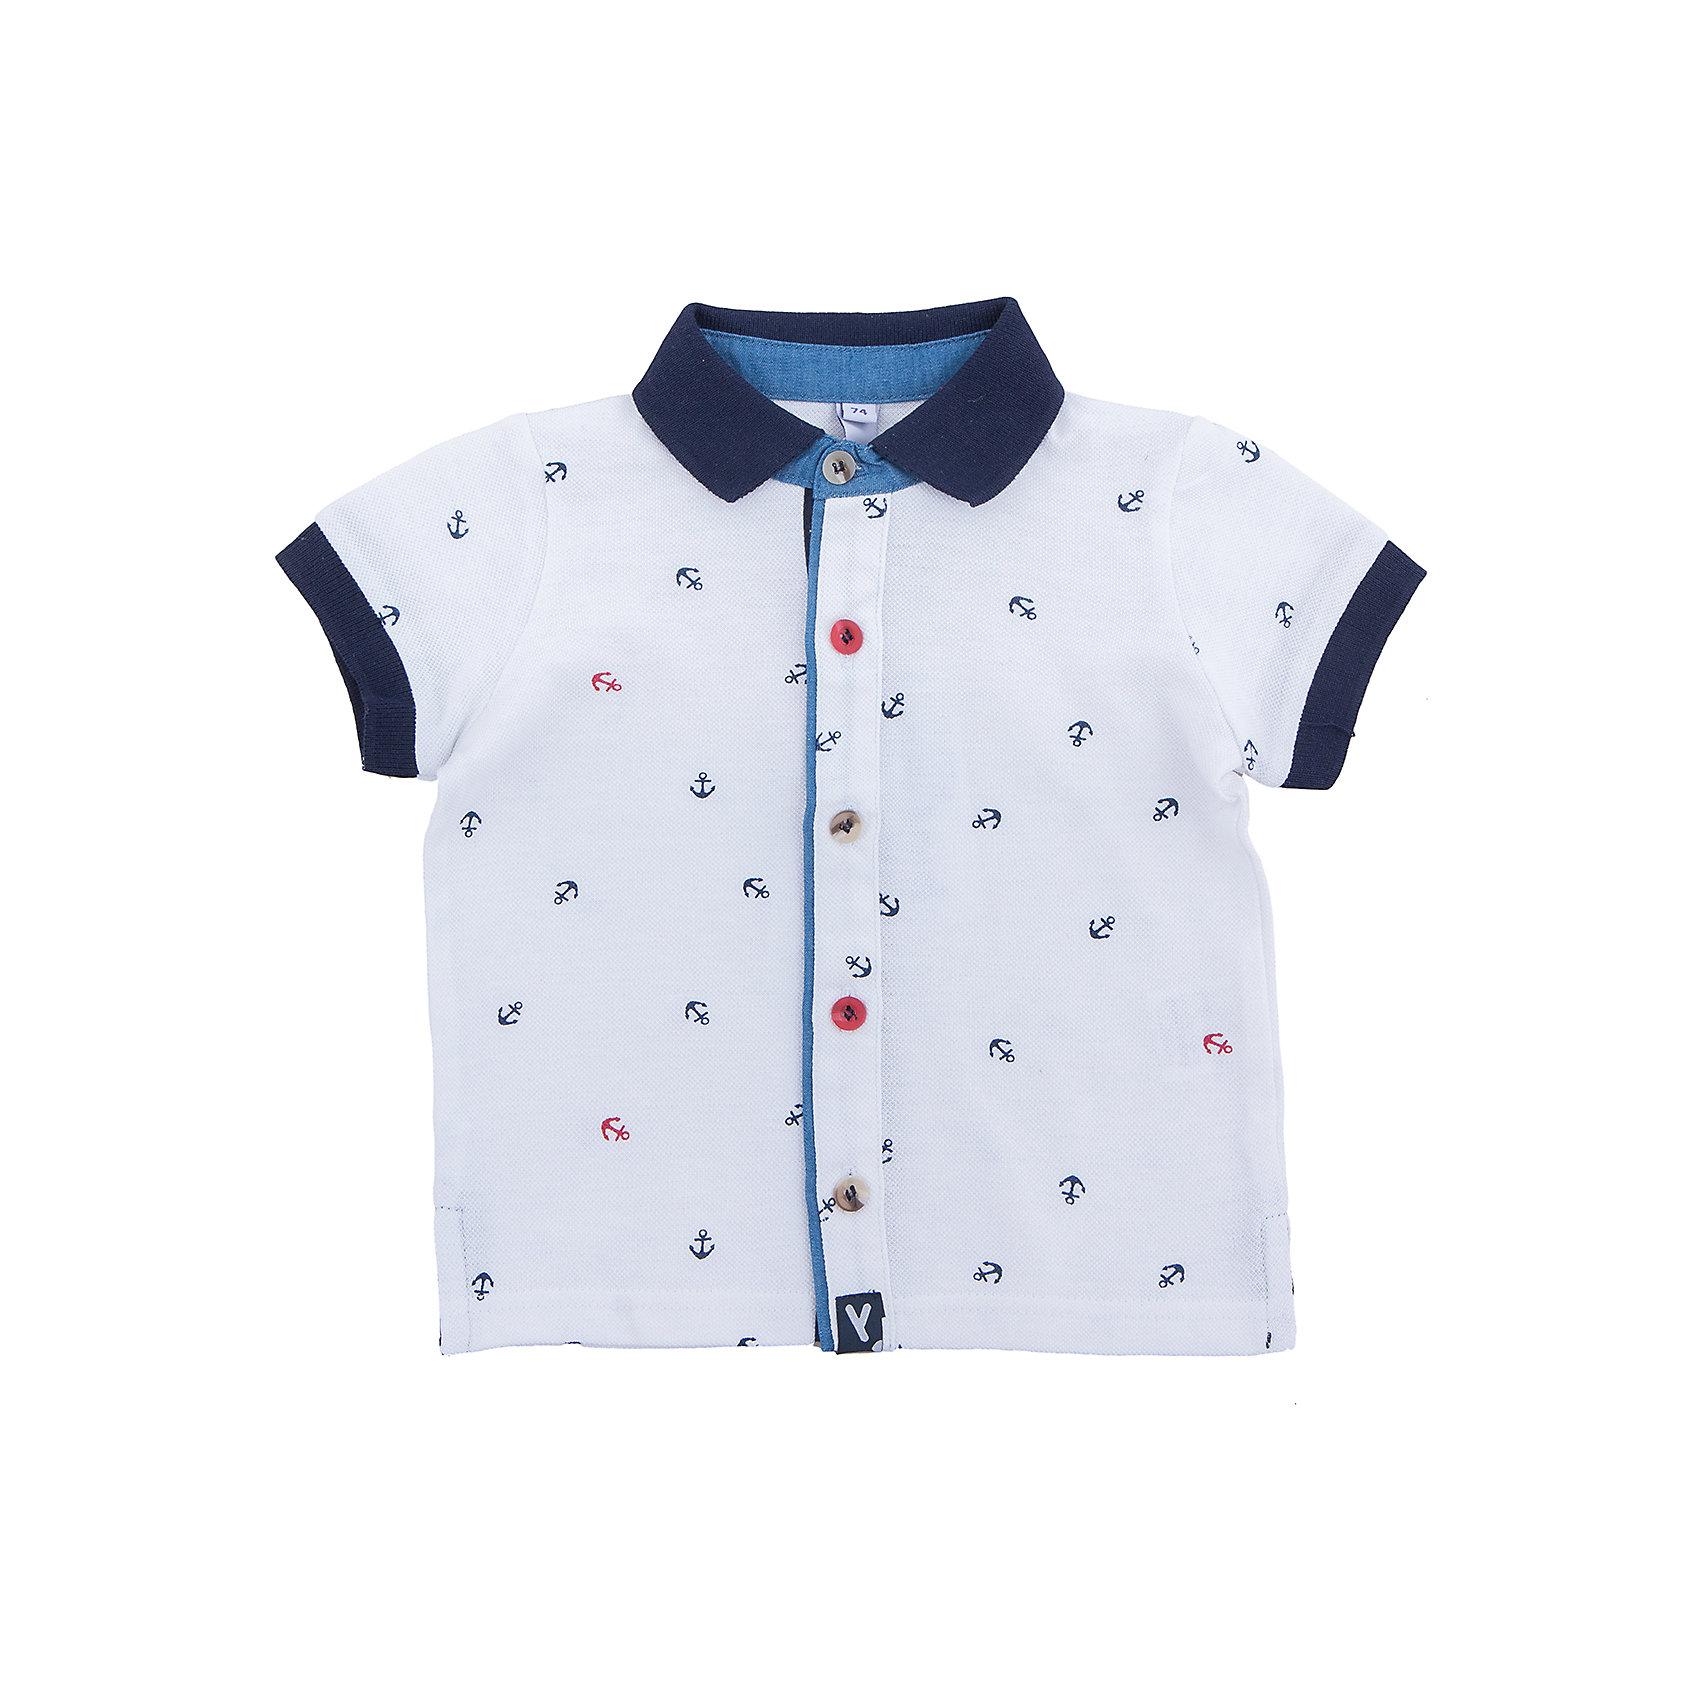 Рубашка для мальчика PlayTodayФутболки, поло и топы<br>Эффектная  сорочка с коротким рукавом сможет быть одной из базовых вещей детского гардероба.  Практичная и очень удобная для повседневной носки. Ткань  мягкая и приятная на ощупь, не раздражает нежную детскую кожу. Стиль отвечает всем последним тенденциям детской моды.  Рубашка с отложным воротничком, рукава декорированы мягкими резинками. Даже в самой активной игре Ваш ребенок будет всегда иметь аккуратный вид.Преимущества: Натуральная ткань не раздражает нежную кожу ребенкаМодель с отложным воротником.<br>Состав:<br>100% хлопок<br><br>Ширина мм: 174<br>Глубина мм: 10<br>Высота мм: 169<br>Вес г: 157<br>Цвет: белый<br>Возраст от месяцев: 12<br>Возраст до месяцев: 18<br>Пол: Мужской<br>Возраст: Детский<br>Размер: 86,74,92,80<br>SKU: 5604590